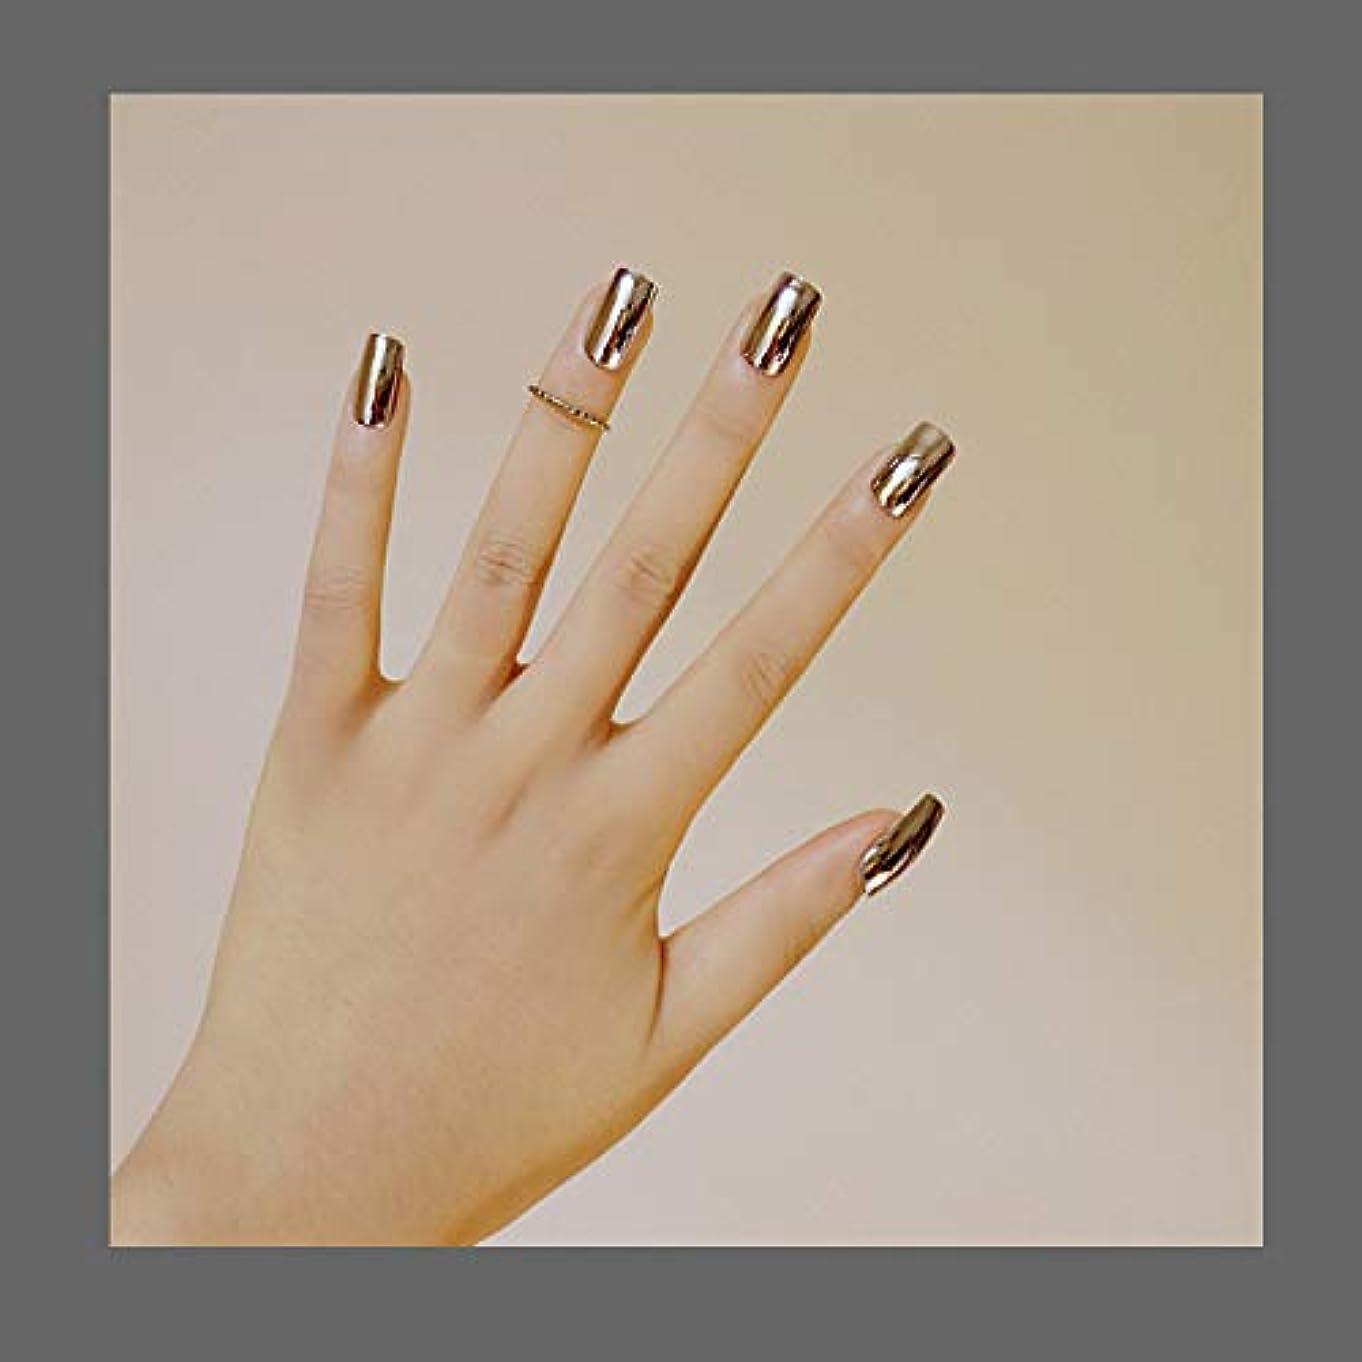 サイバースペース土曜日下線欧米で流行るパンク風付け爪 色変化のミラー付け爪 24枚付け爪 フラットヘッド 銀